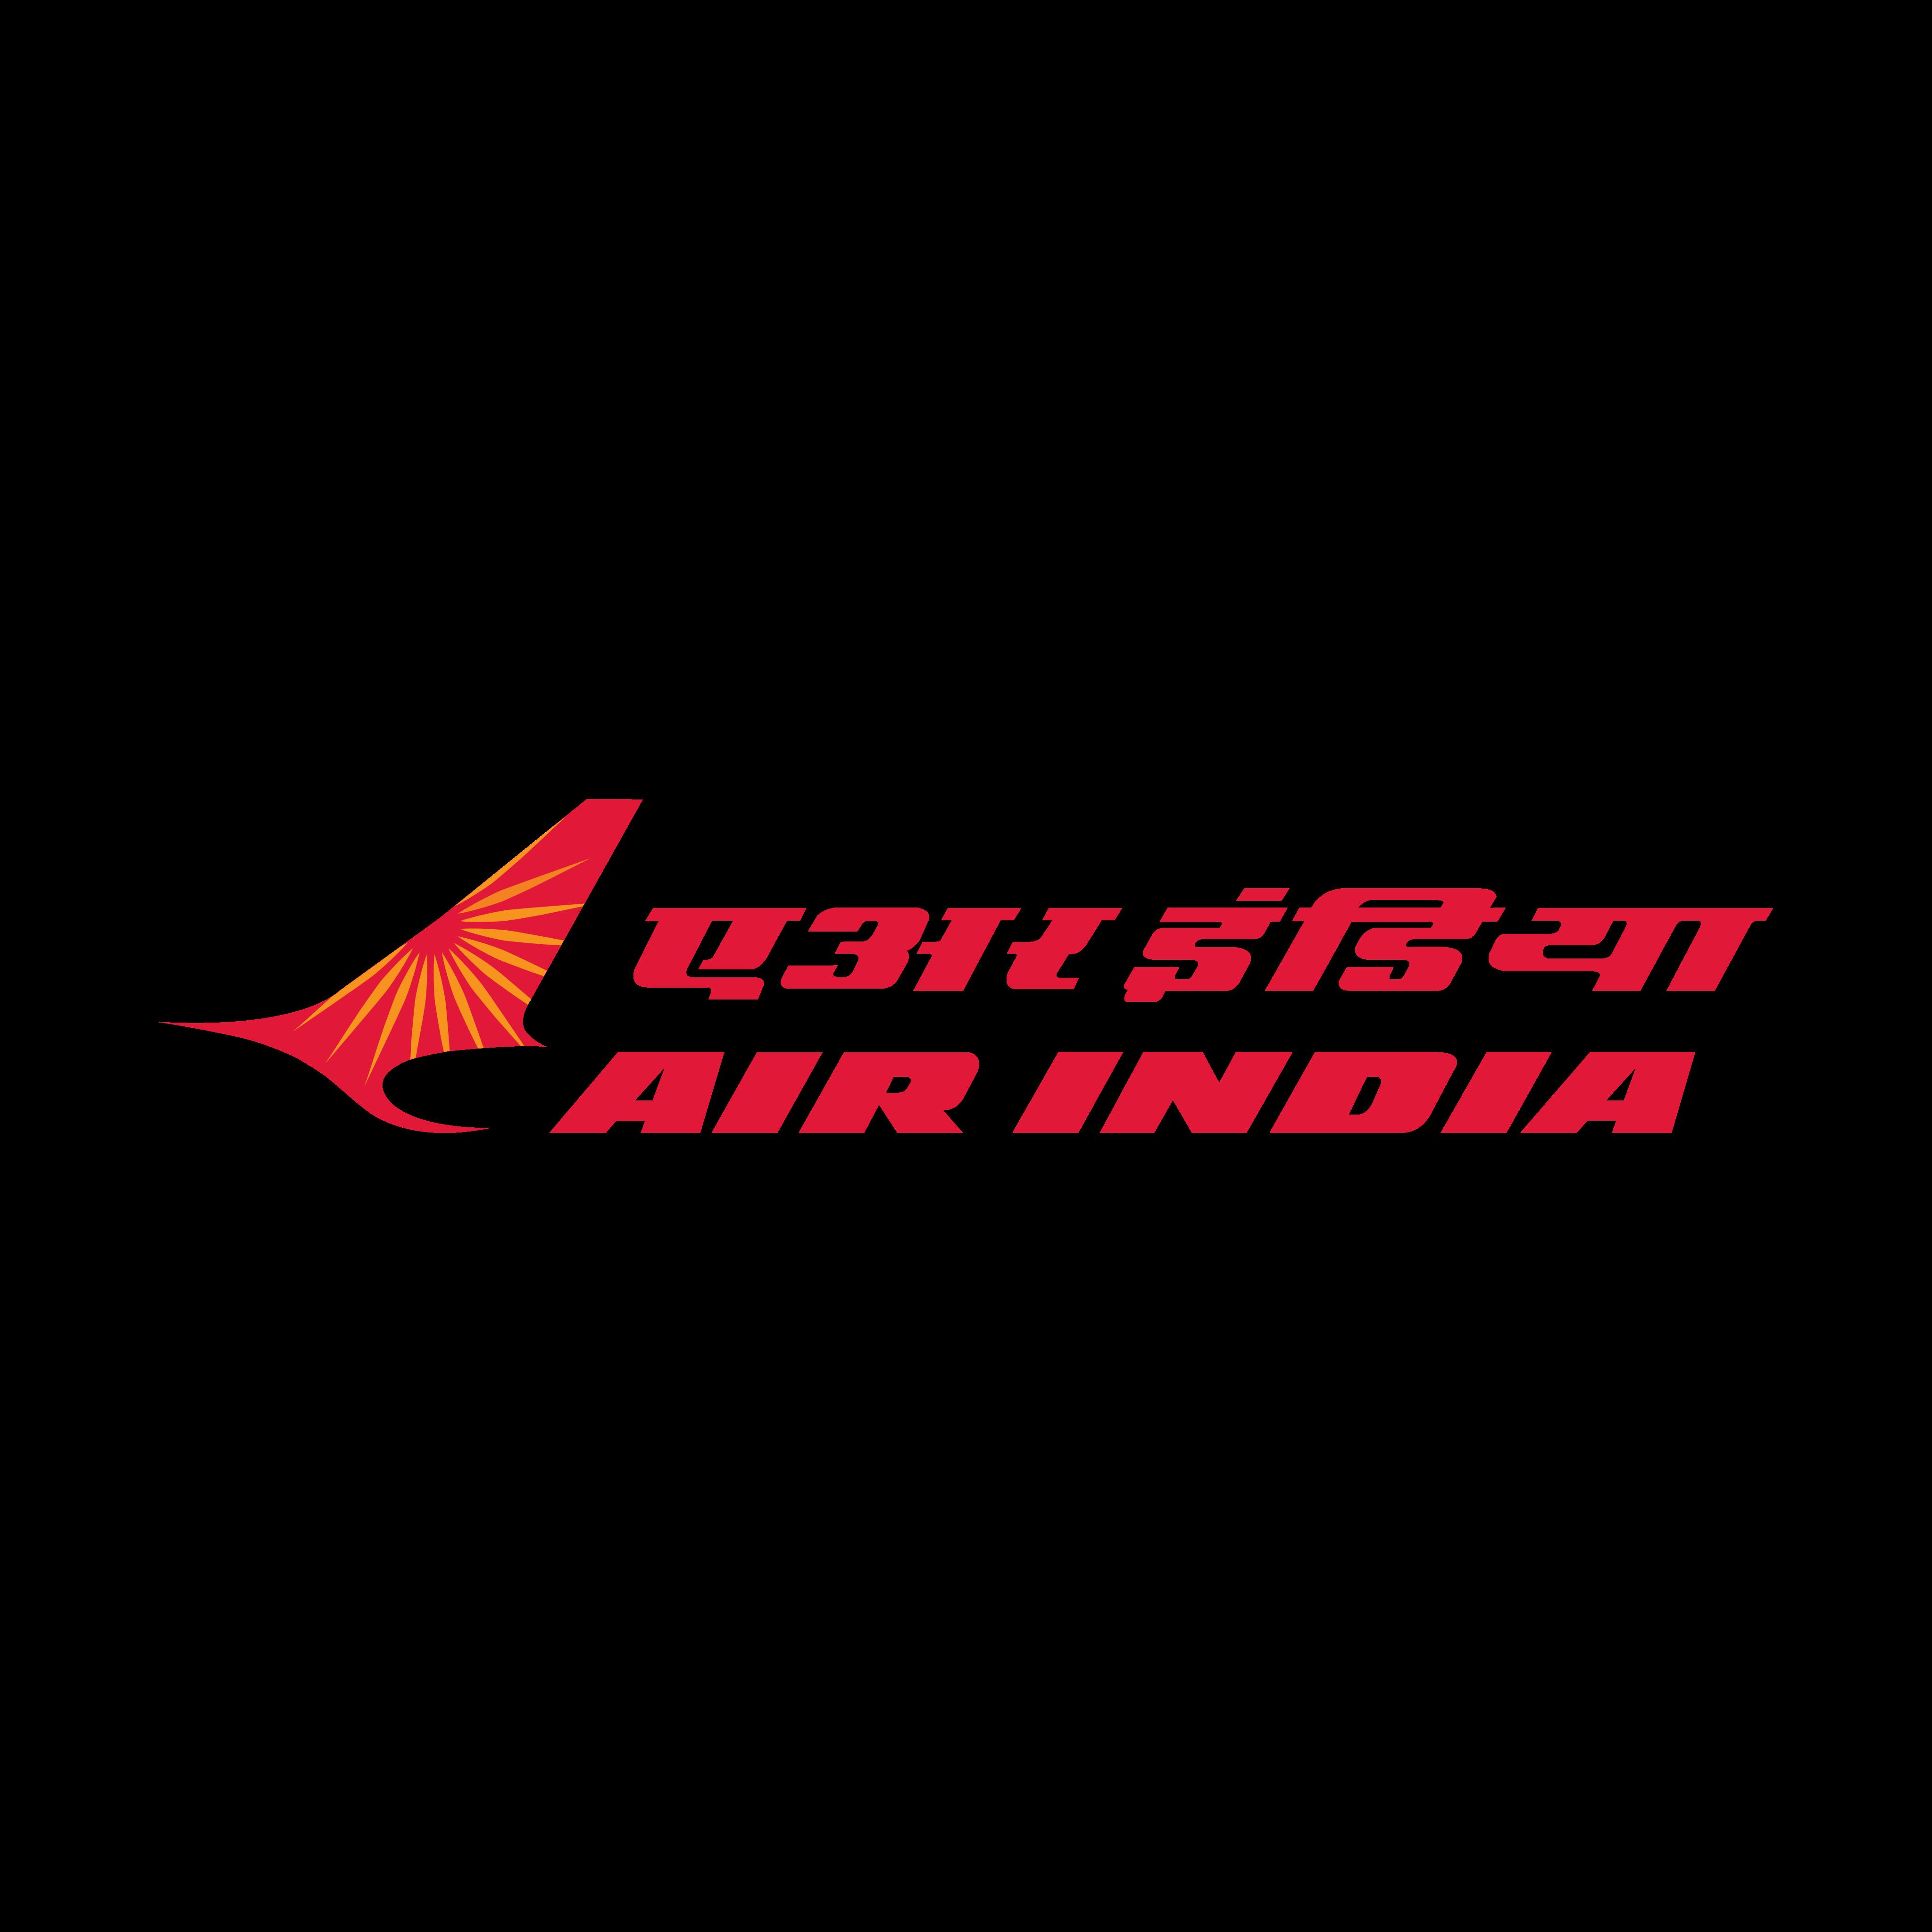 air india logo 0 - Air India Logo